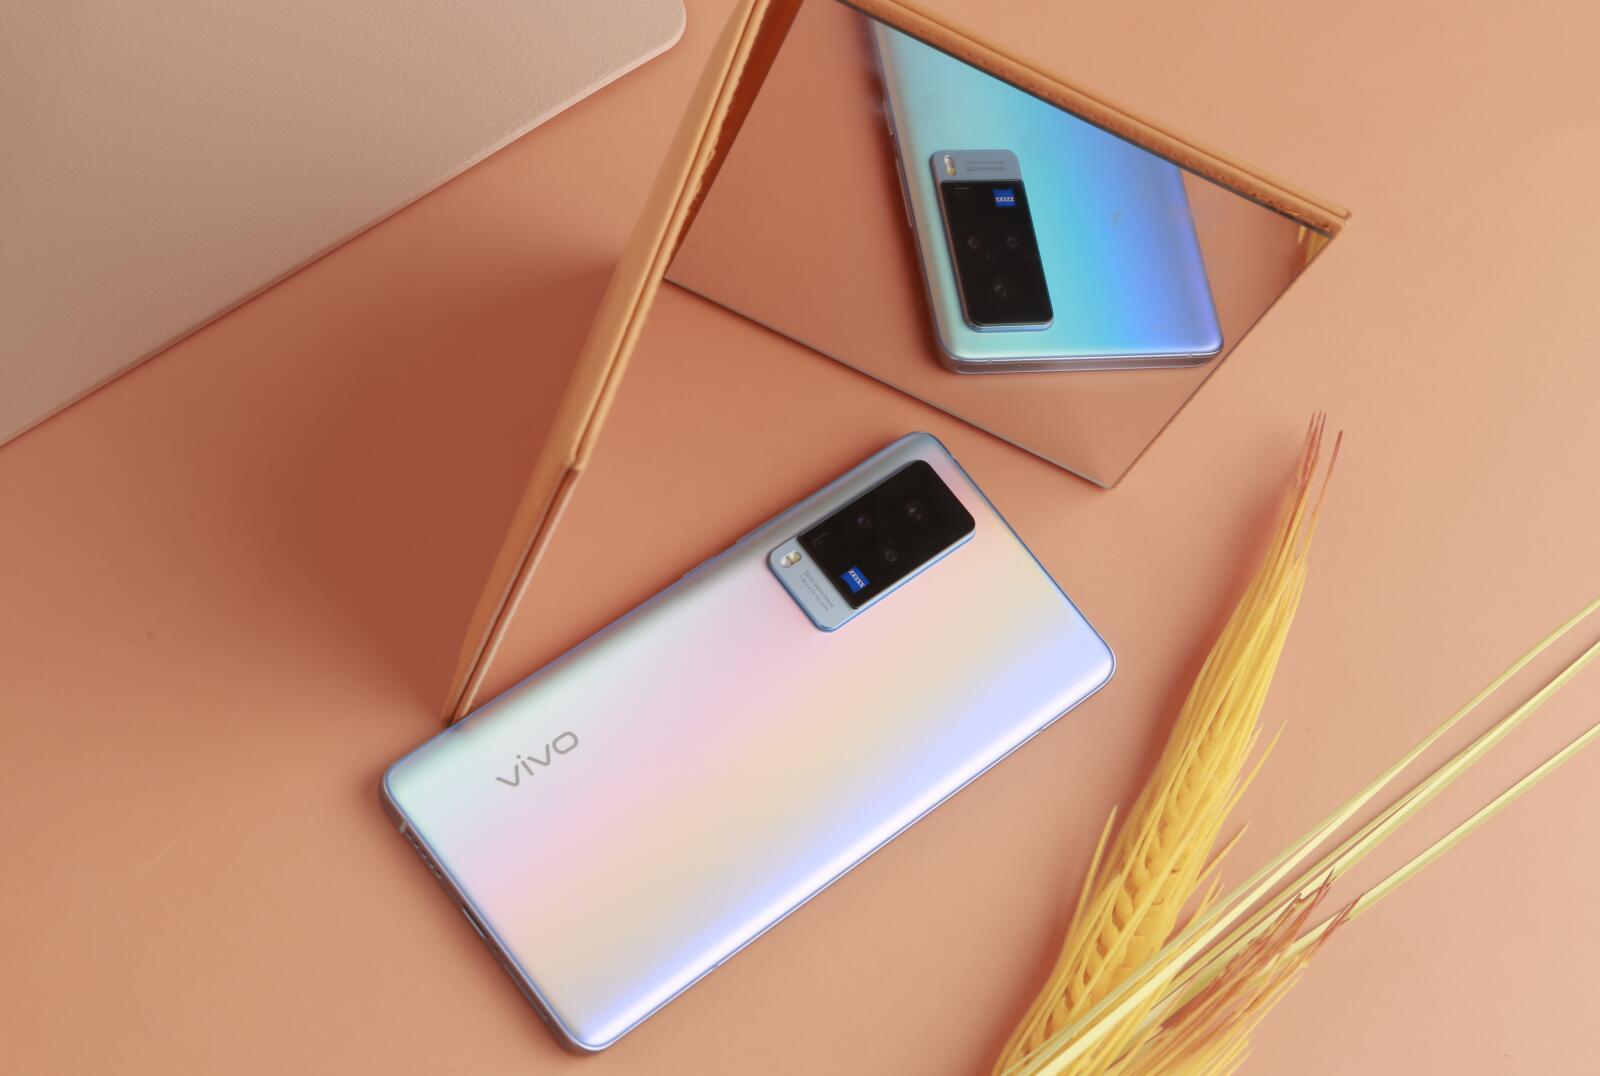 Sforum - Trang thông tin công nghệ mới nhất 53b74dd4ly4gm4uk7m1n1j218g0twmz1 Vì sao nên mua Vivo X60 Pro tại CellphoneS: Giá chỉ 14.9 triệu là lý do đầu tiên